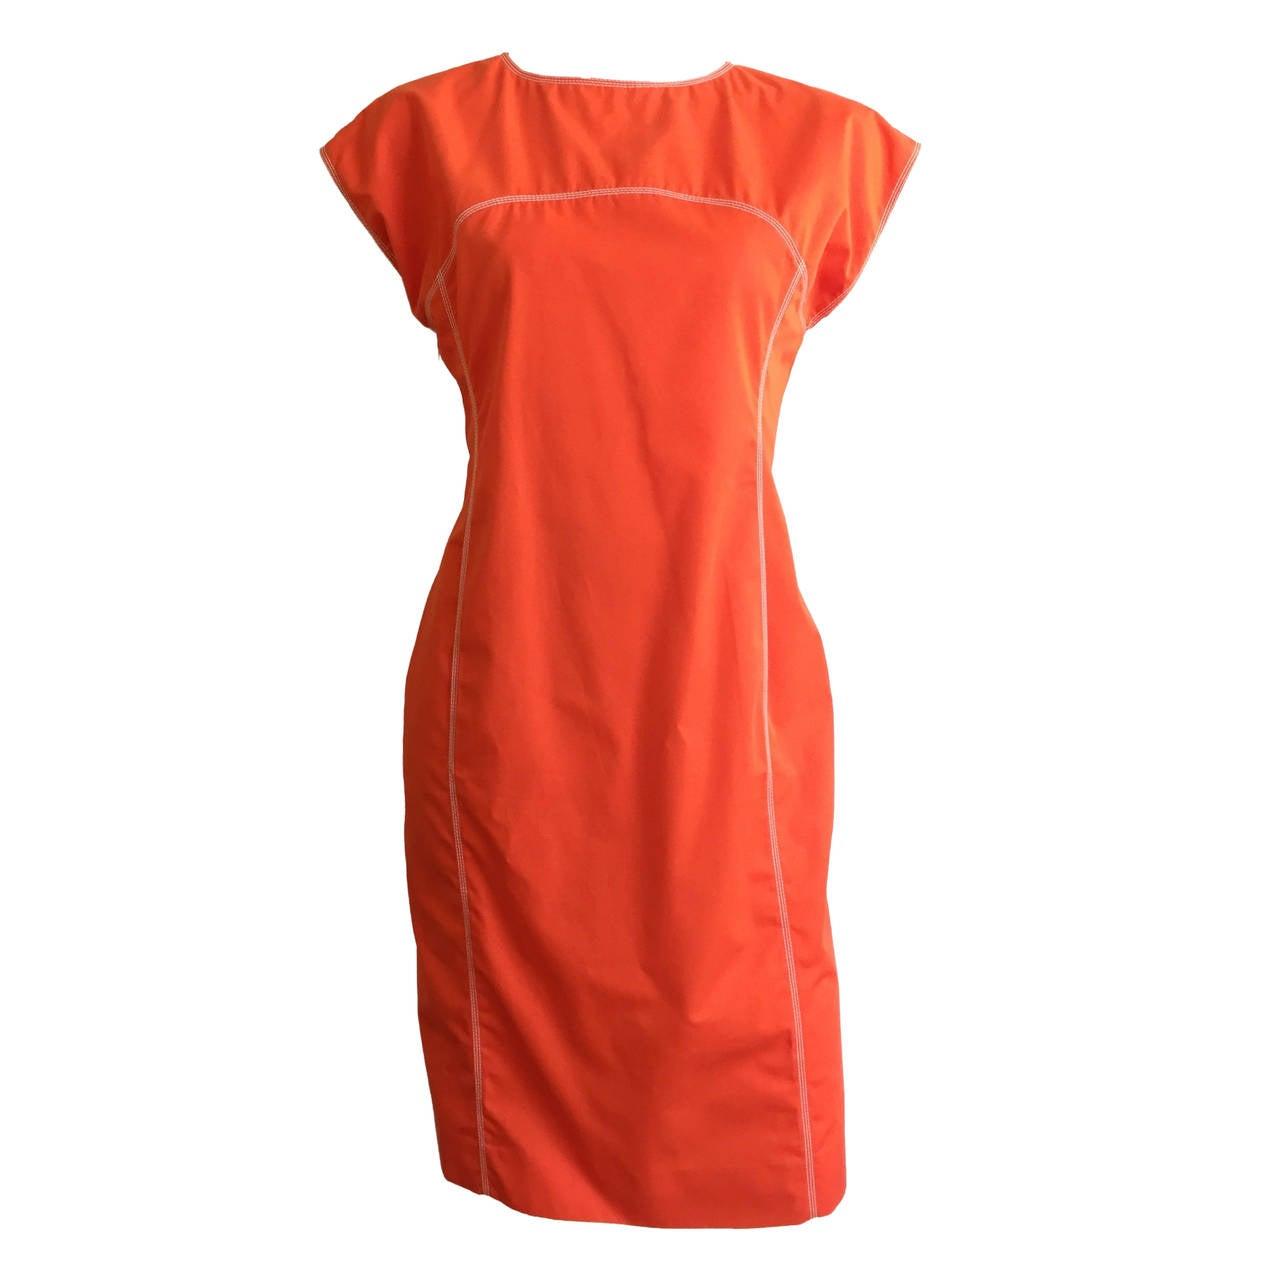 Courreges Paris Dress With Pockets Size 8, 1980s